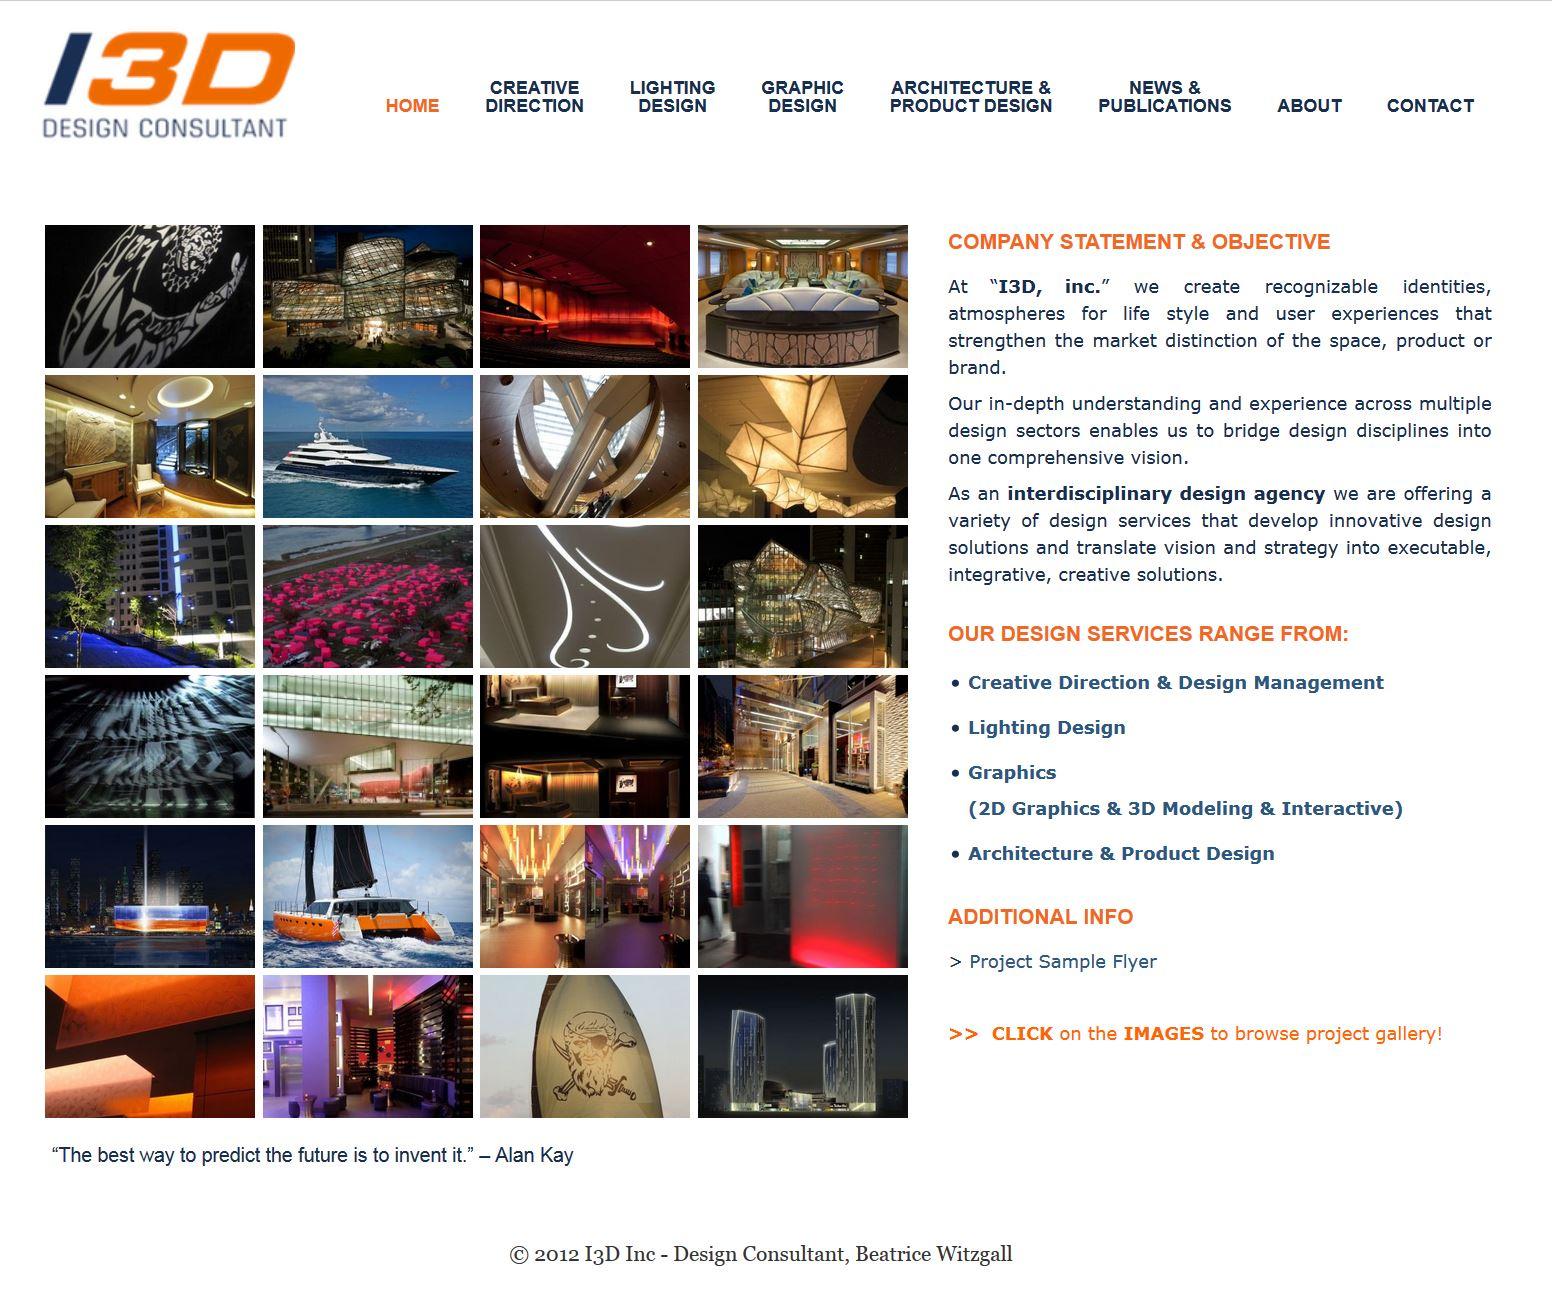 I3D-2012-Home.JPG